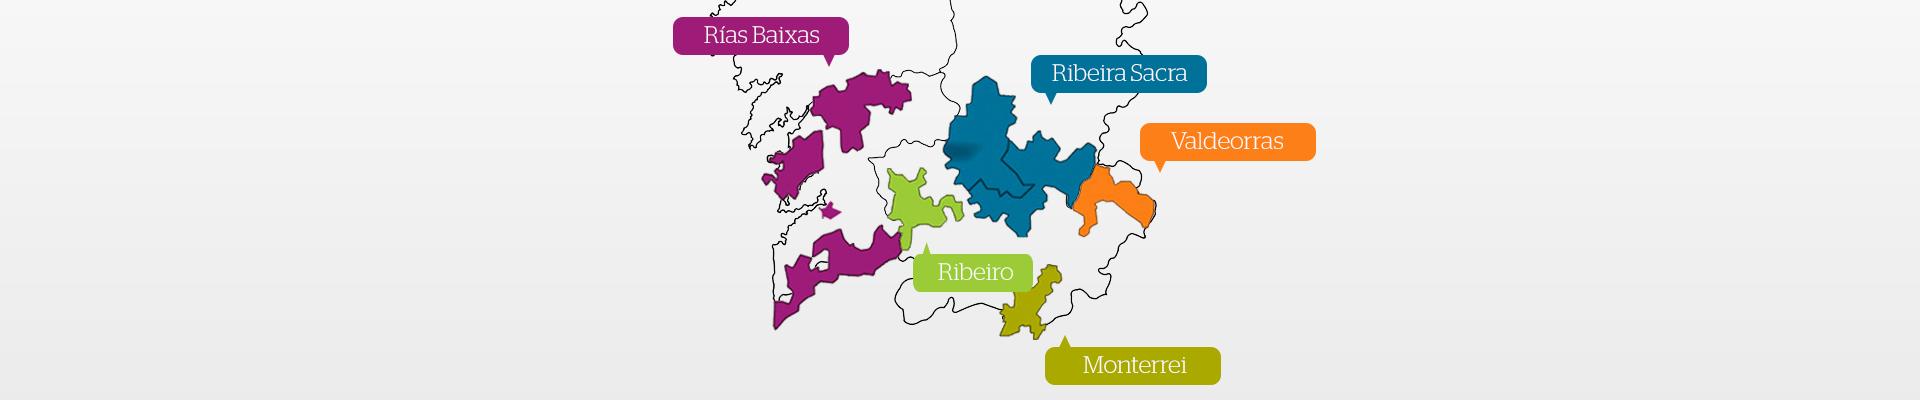 Denominaciones de Origen de Galicia